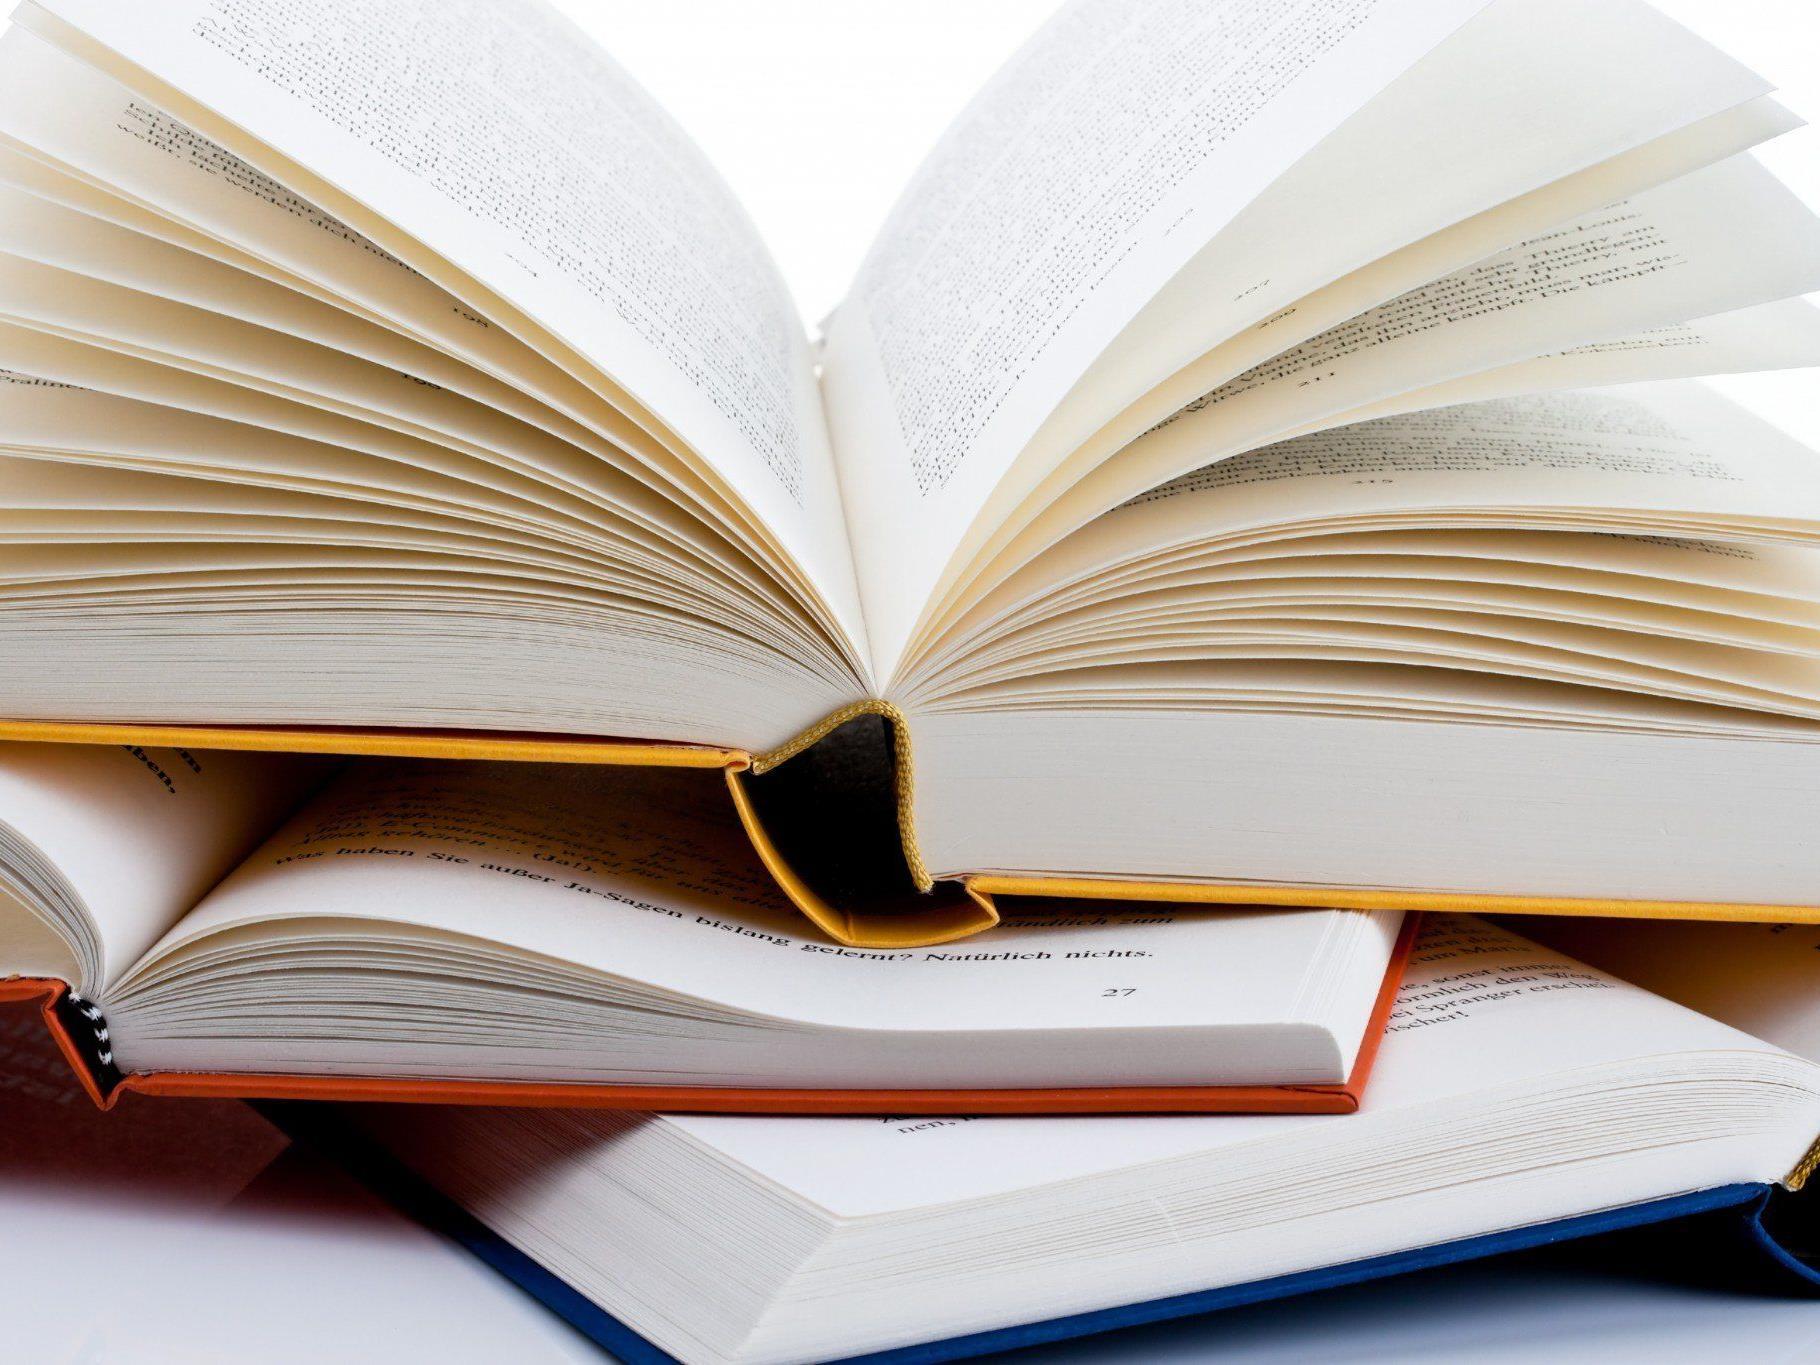 Größtes Literaturfestival des Landes geht in seine achte Auflage